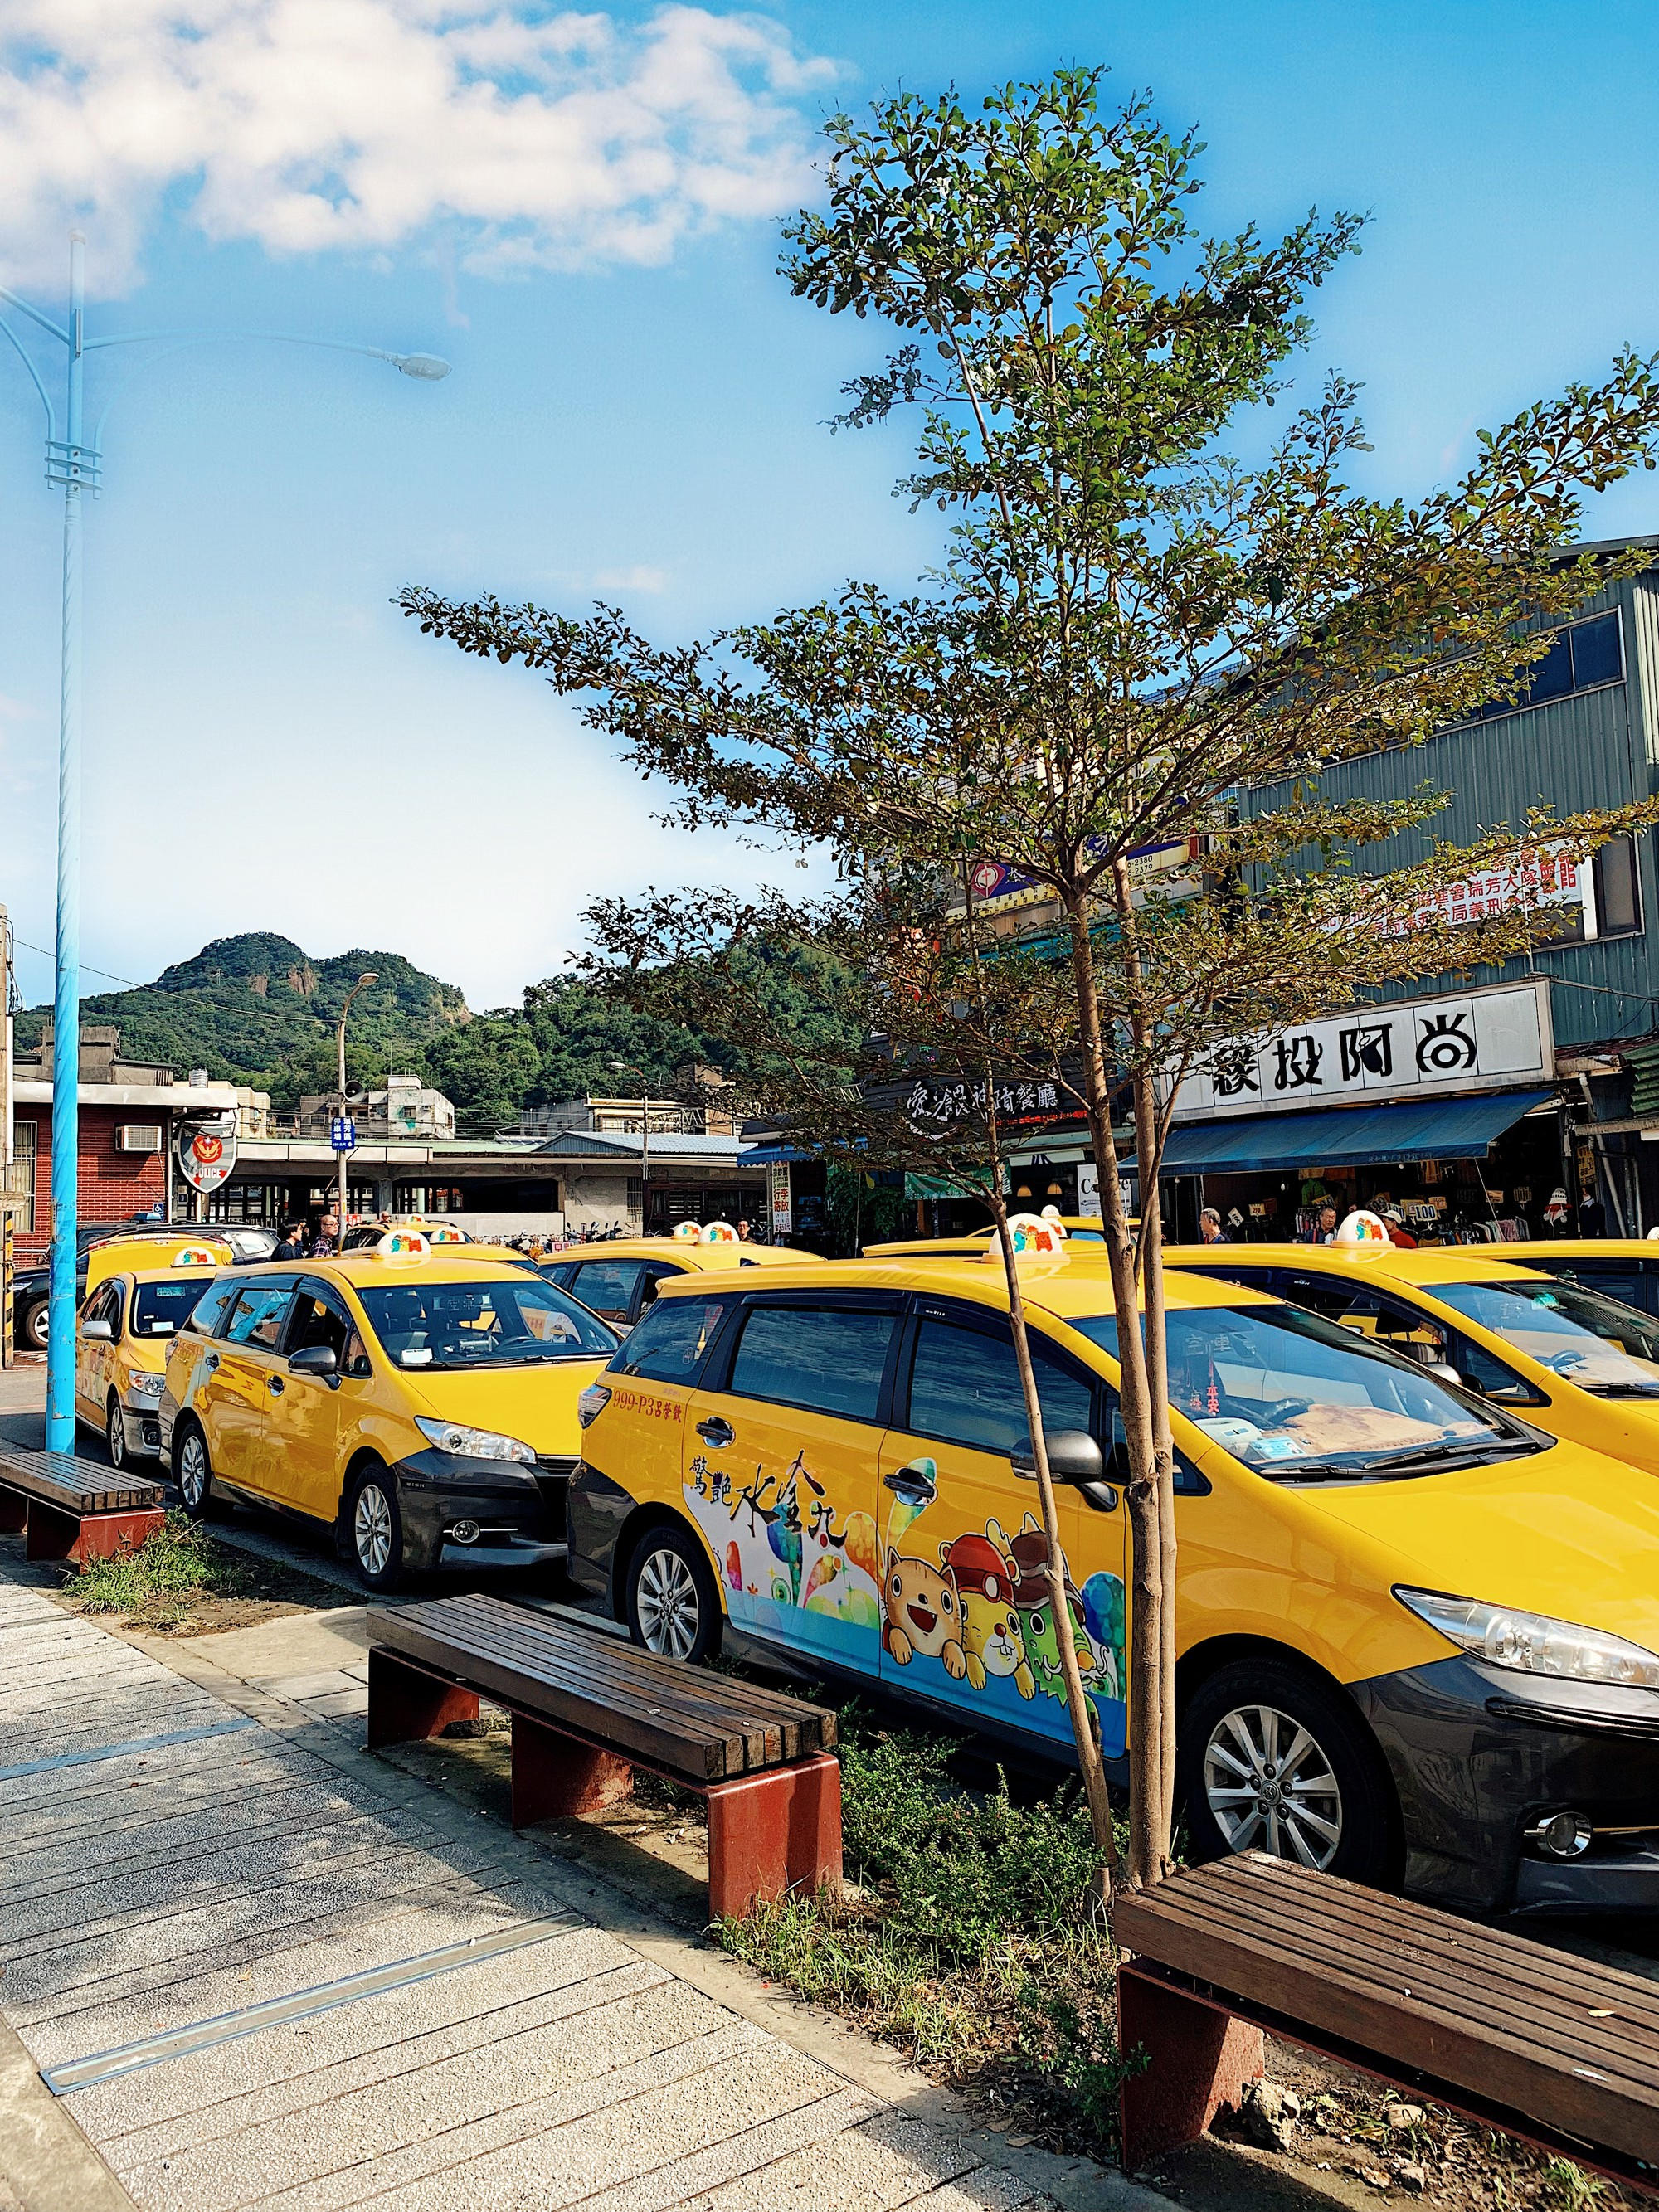 Tất tần tật kế hoạch du lịch tự túc Đài Bắc, không xem thì phí lắm đó! - Ảnh 17.